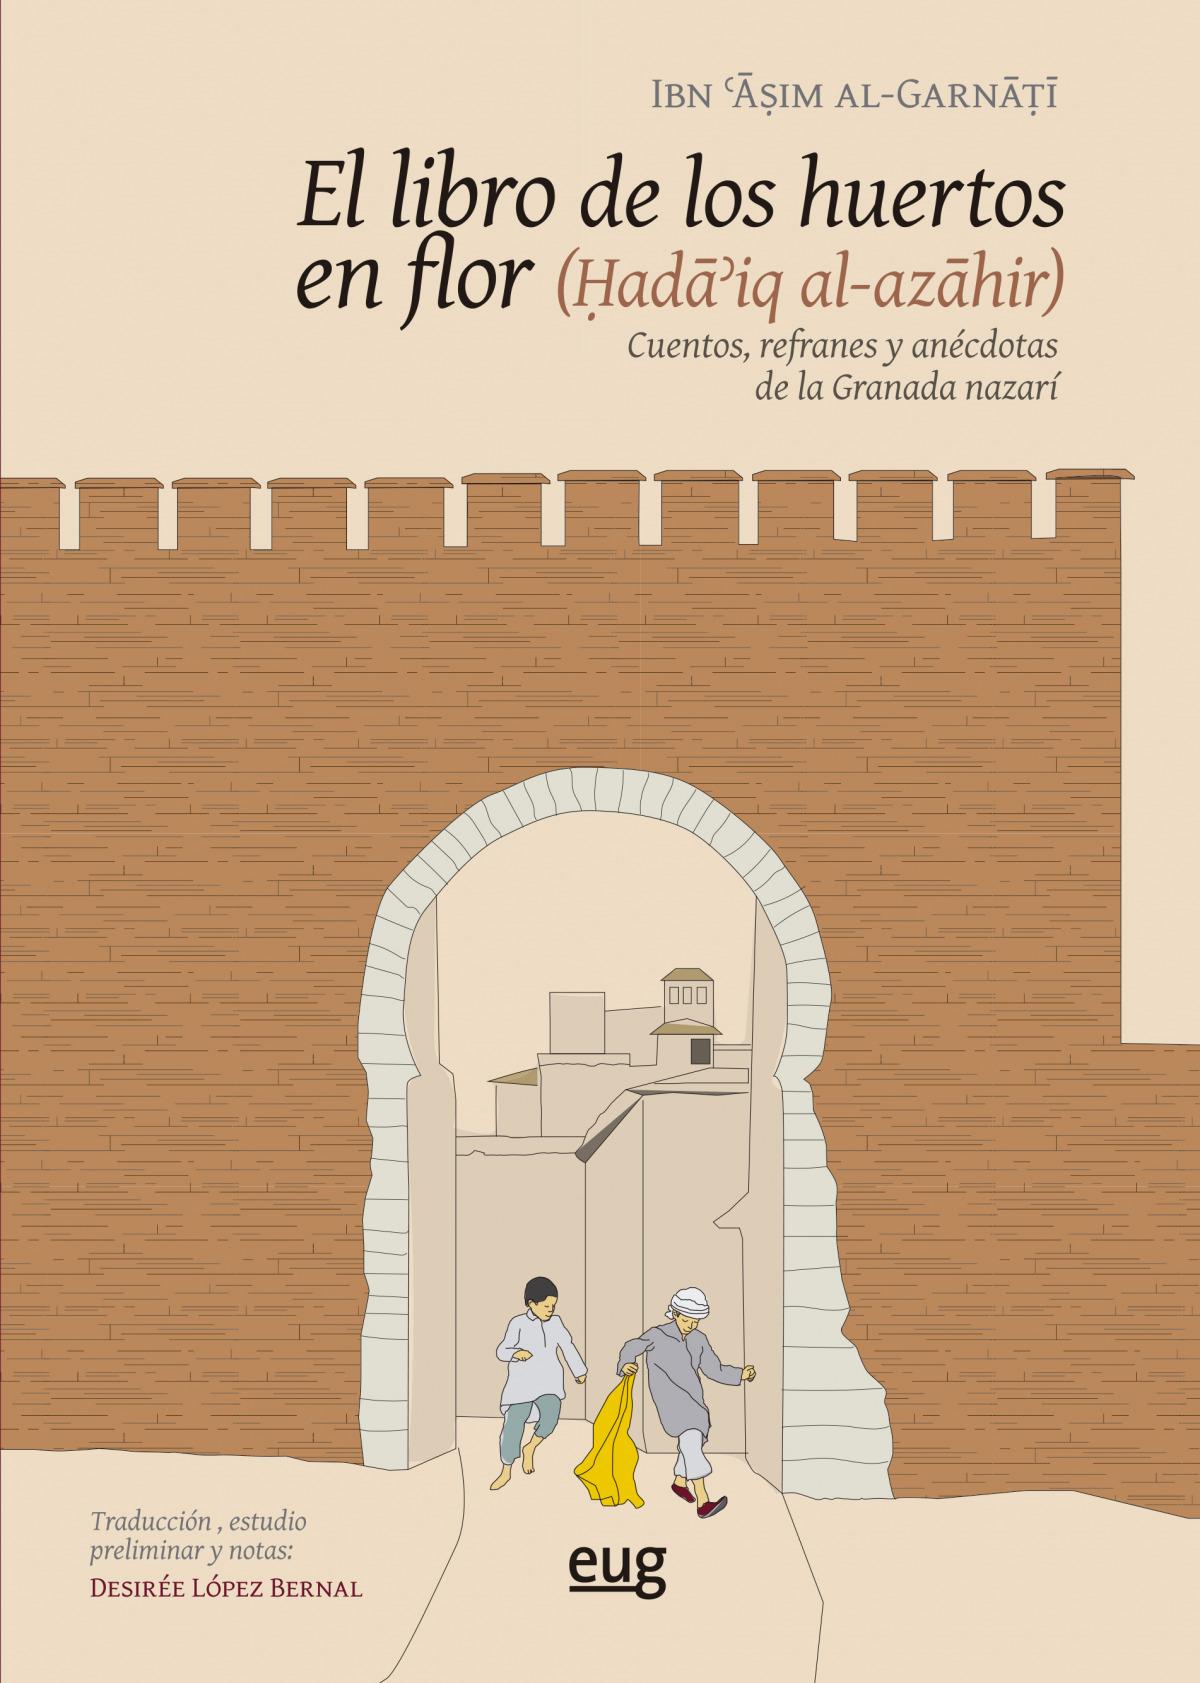 El libro de los huertos en flor